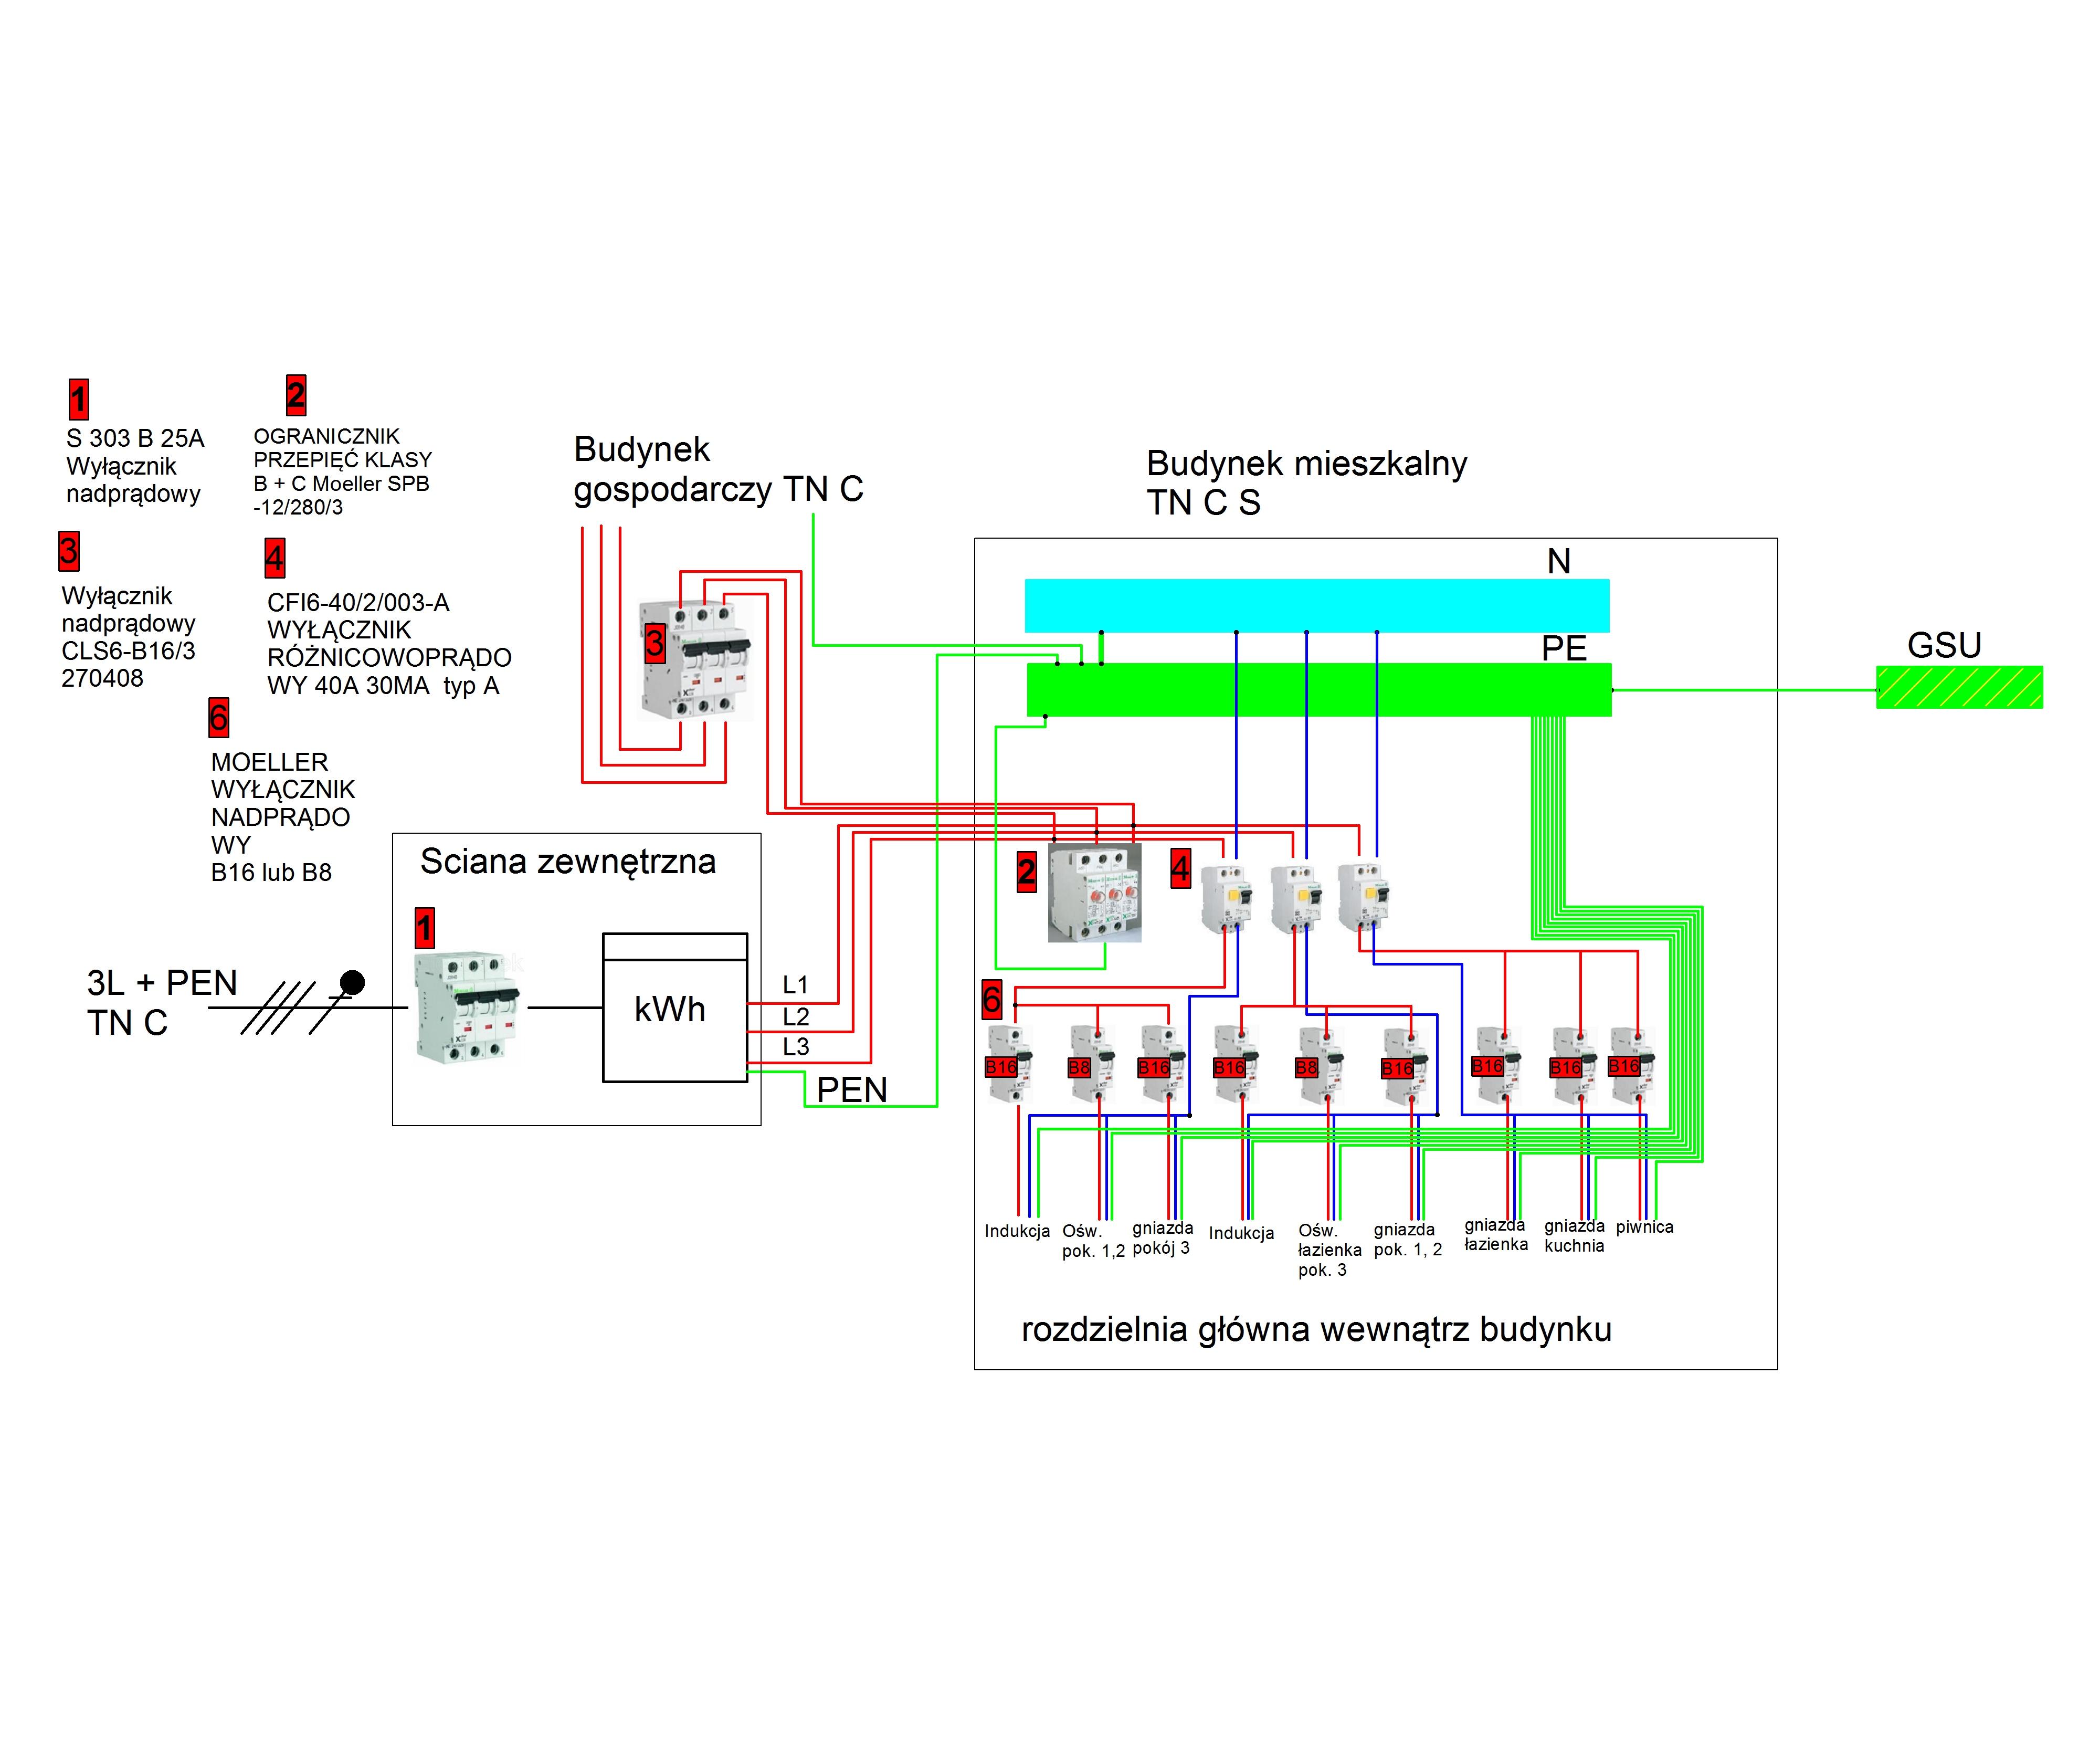 Schemat instalacji TN C na TN C S, ogranicznik przepi��, wy��cznik r�nicowopr�d